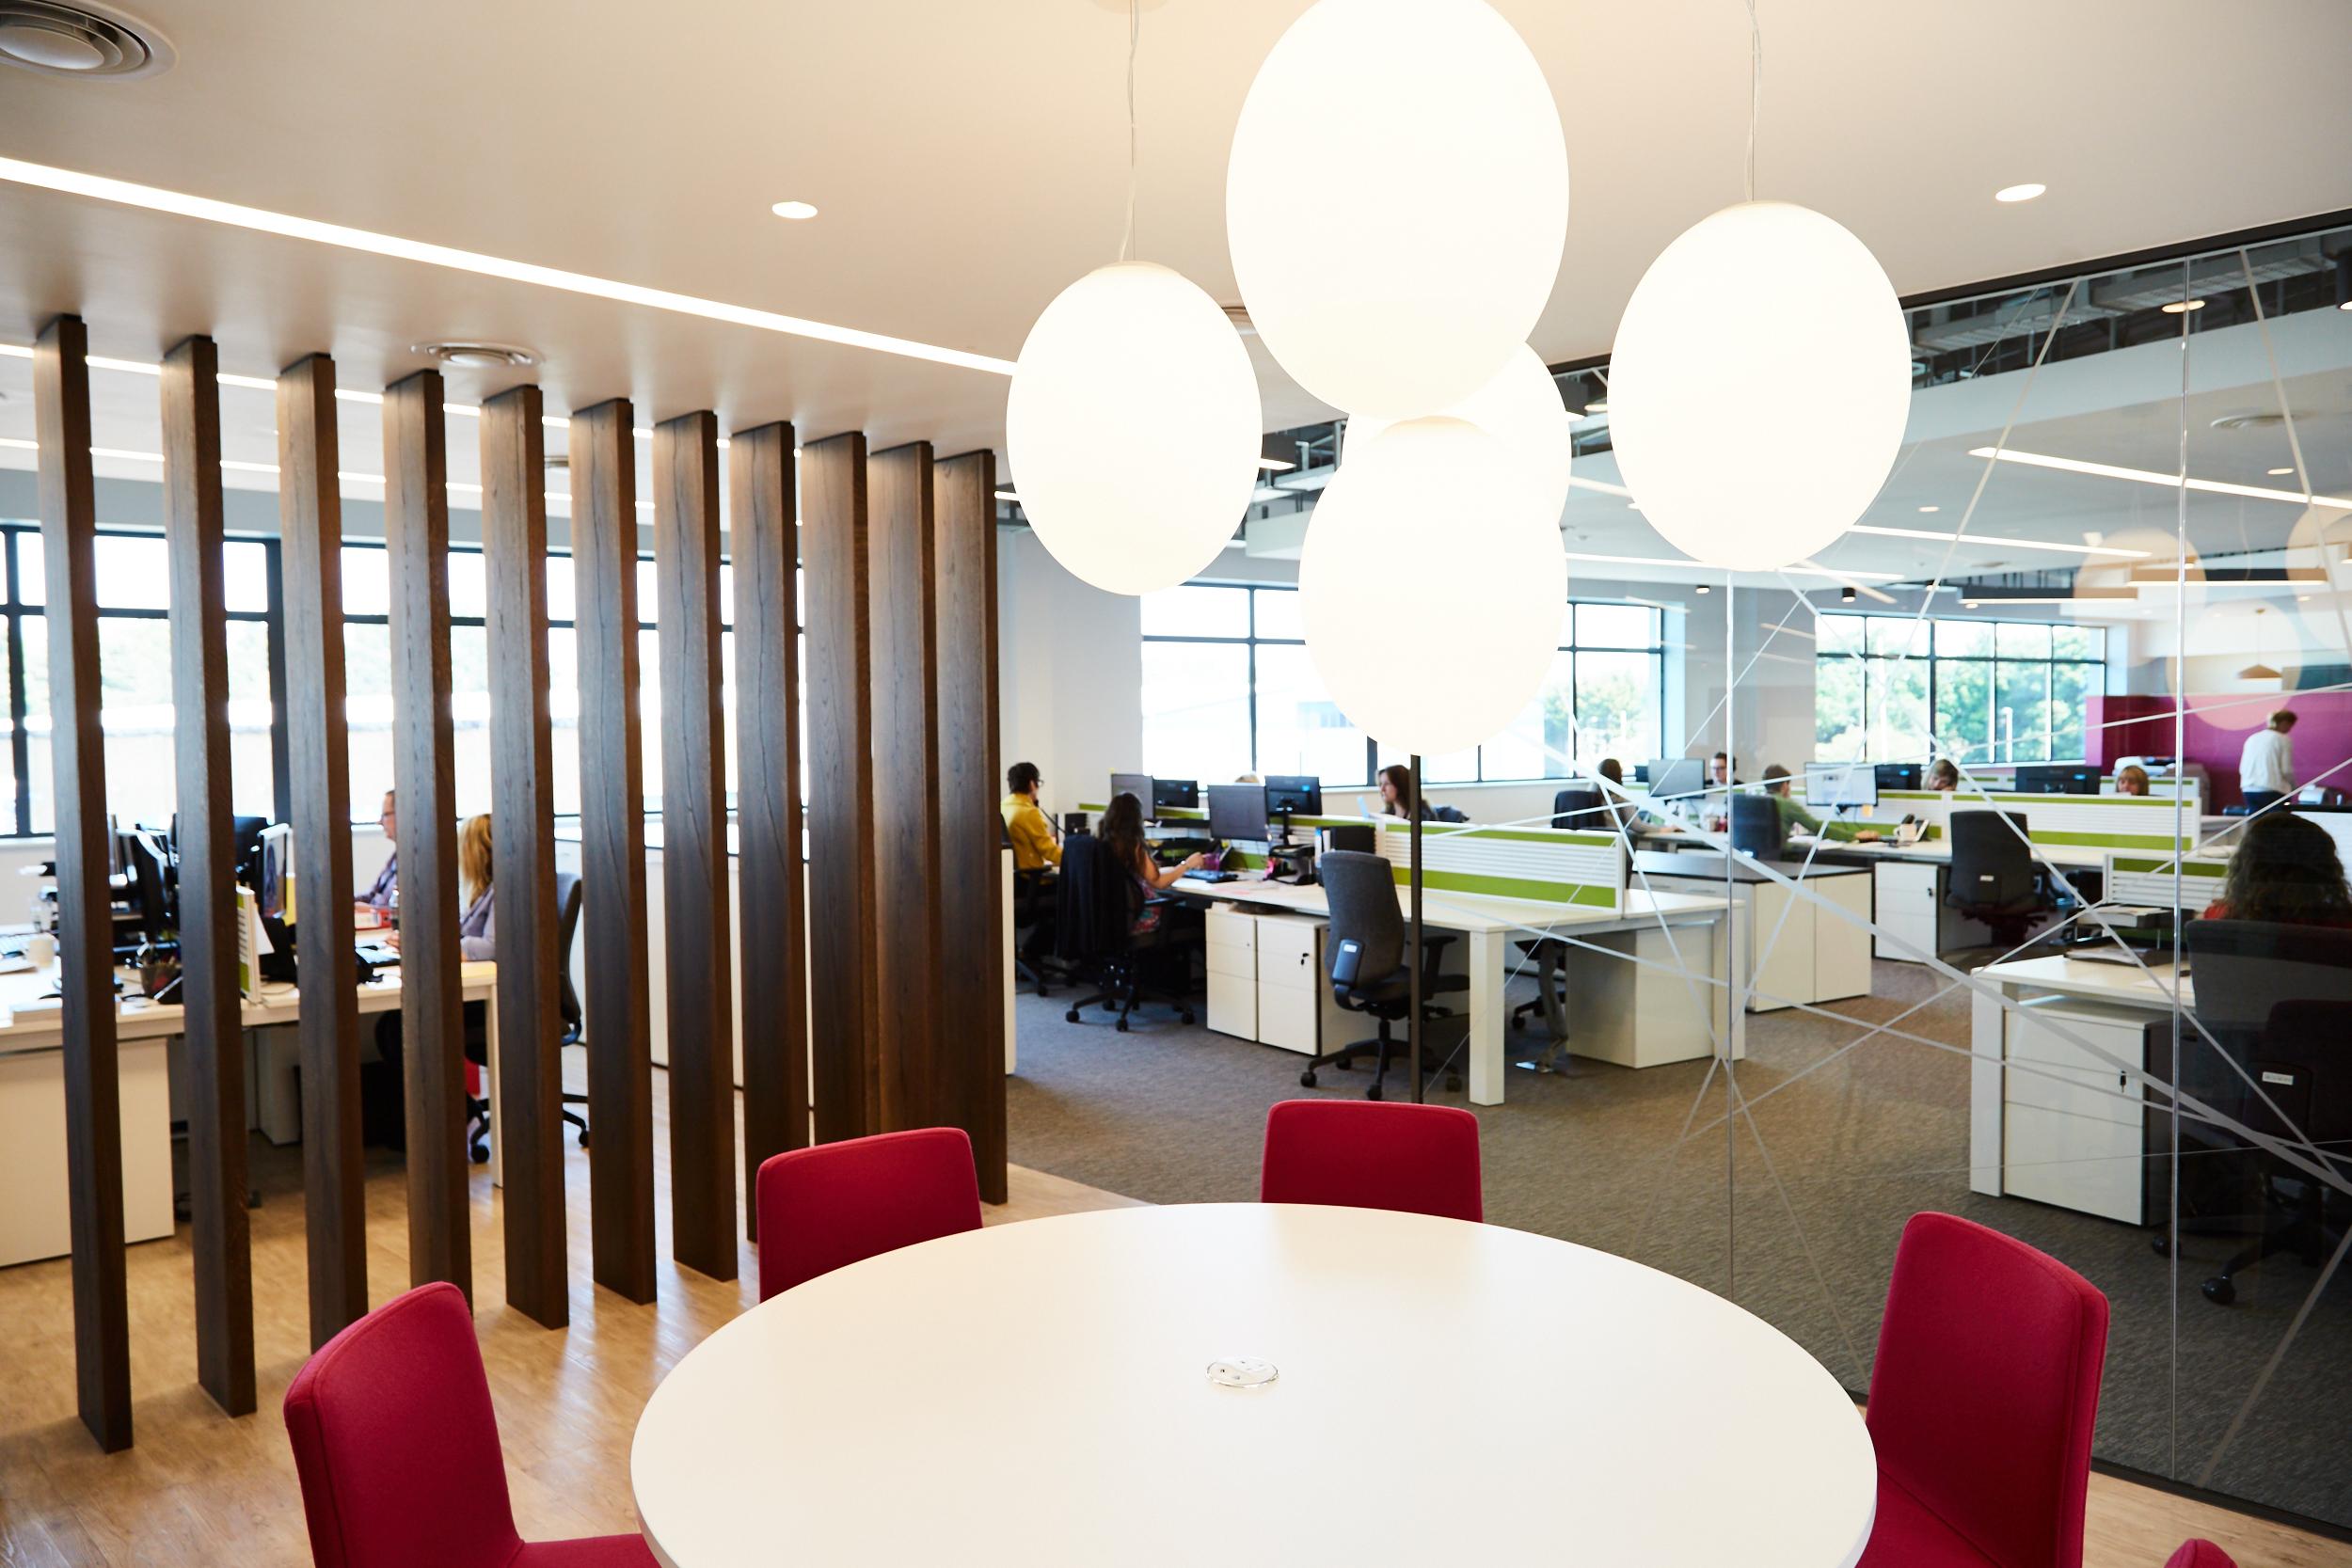 Office_Space_14.jpg